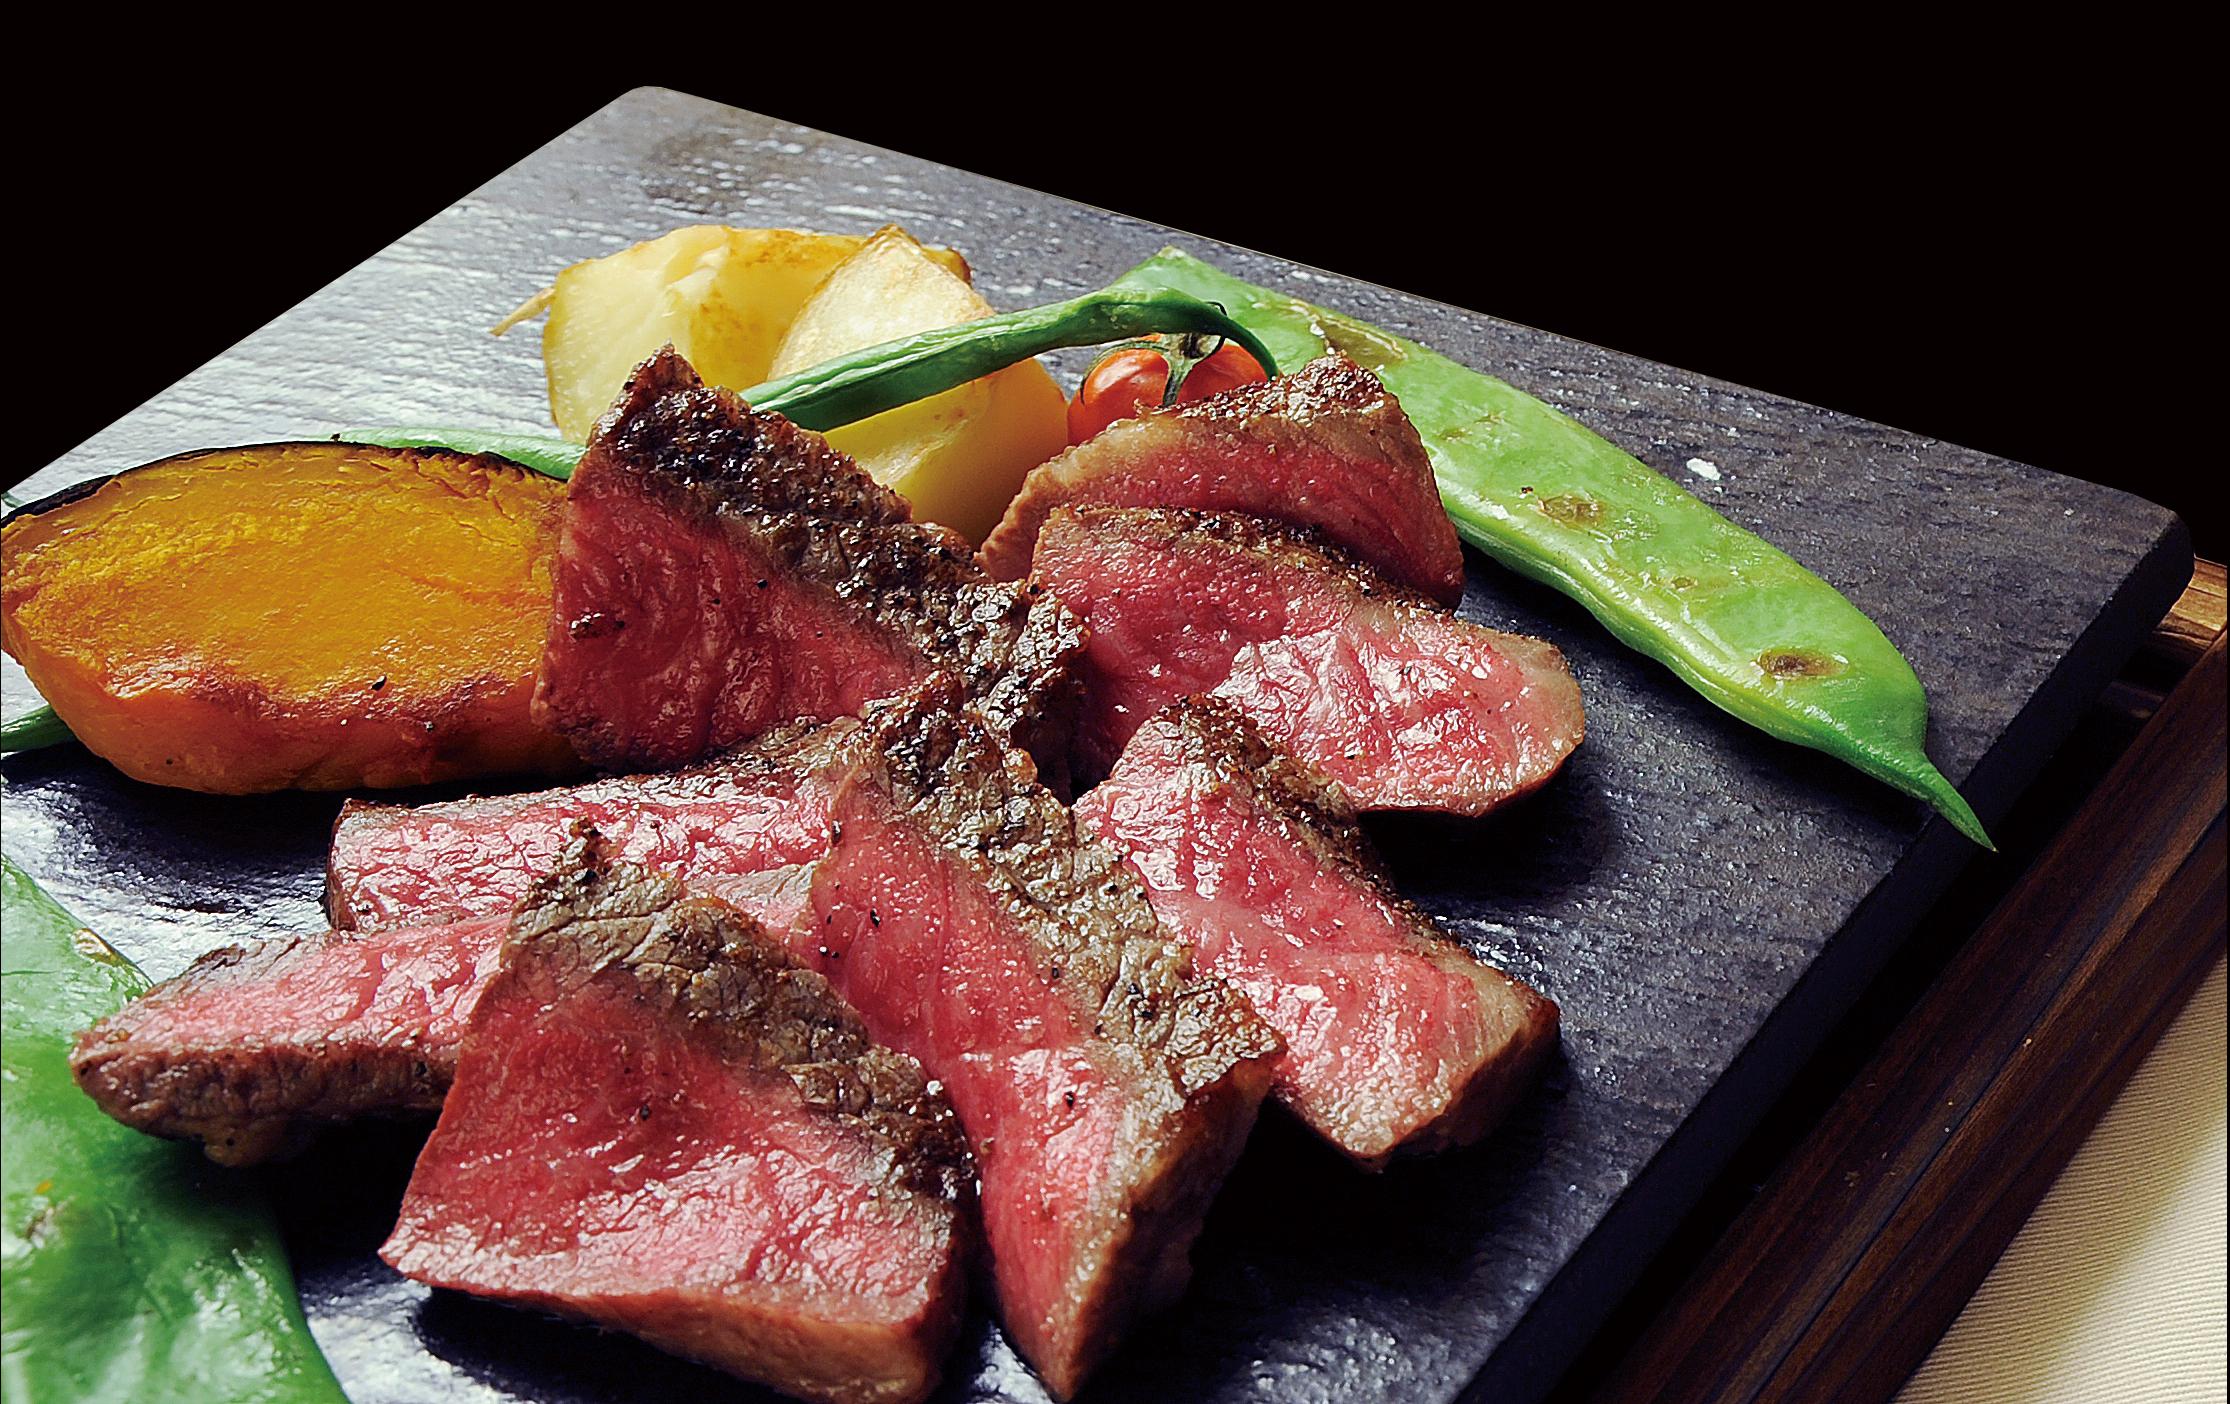 黒毛和牛のステーキを豊富に取り揃えております